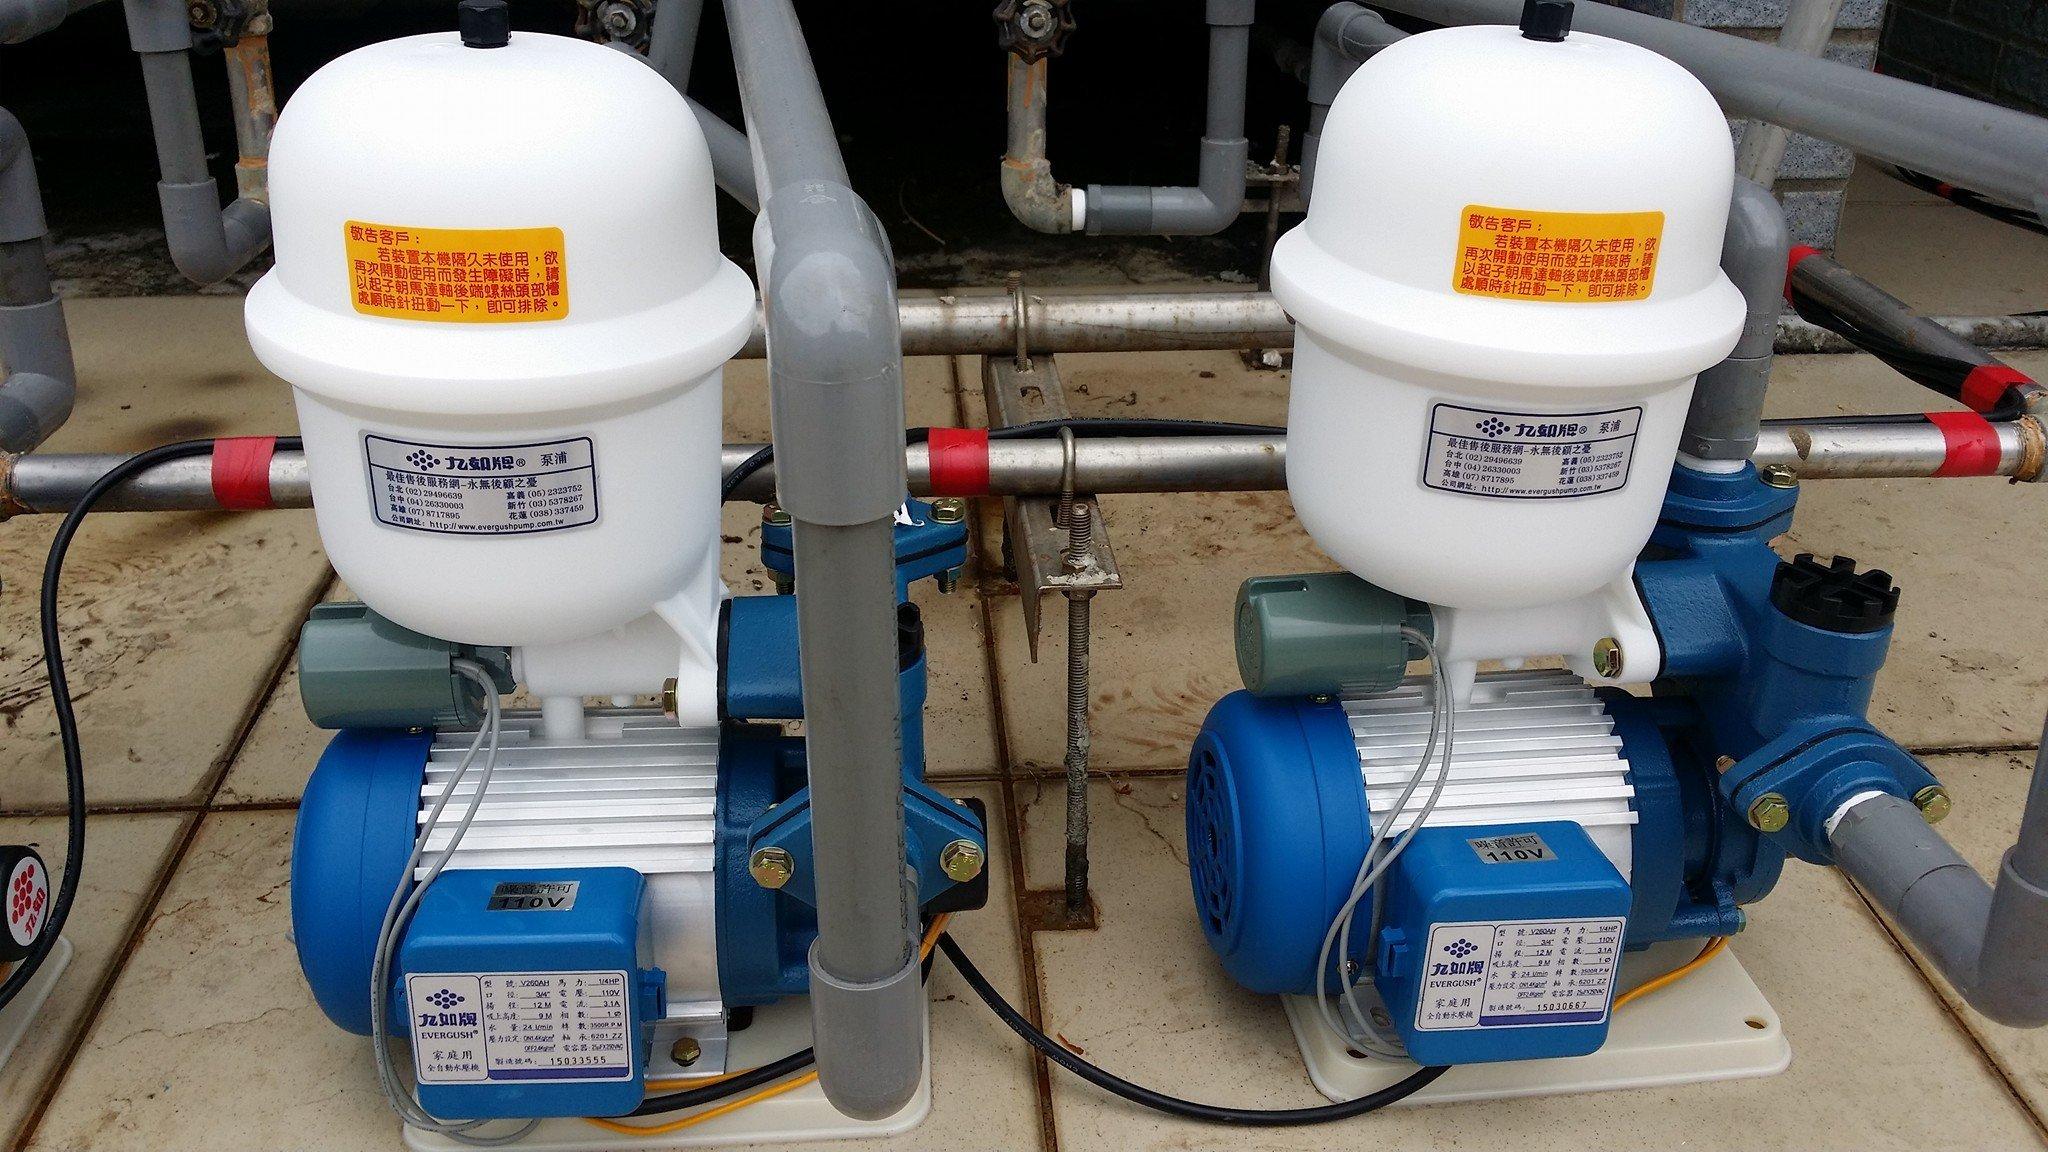 P【嚇一跳店鋪】九如牌 V260AH V260 全自動 水壓機 加壓機 加壓馬達 1/4HP 無水斷電保護 限基隆市地區